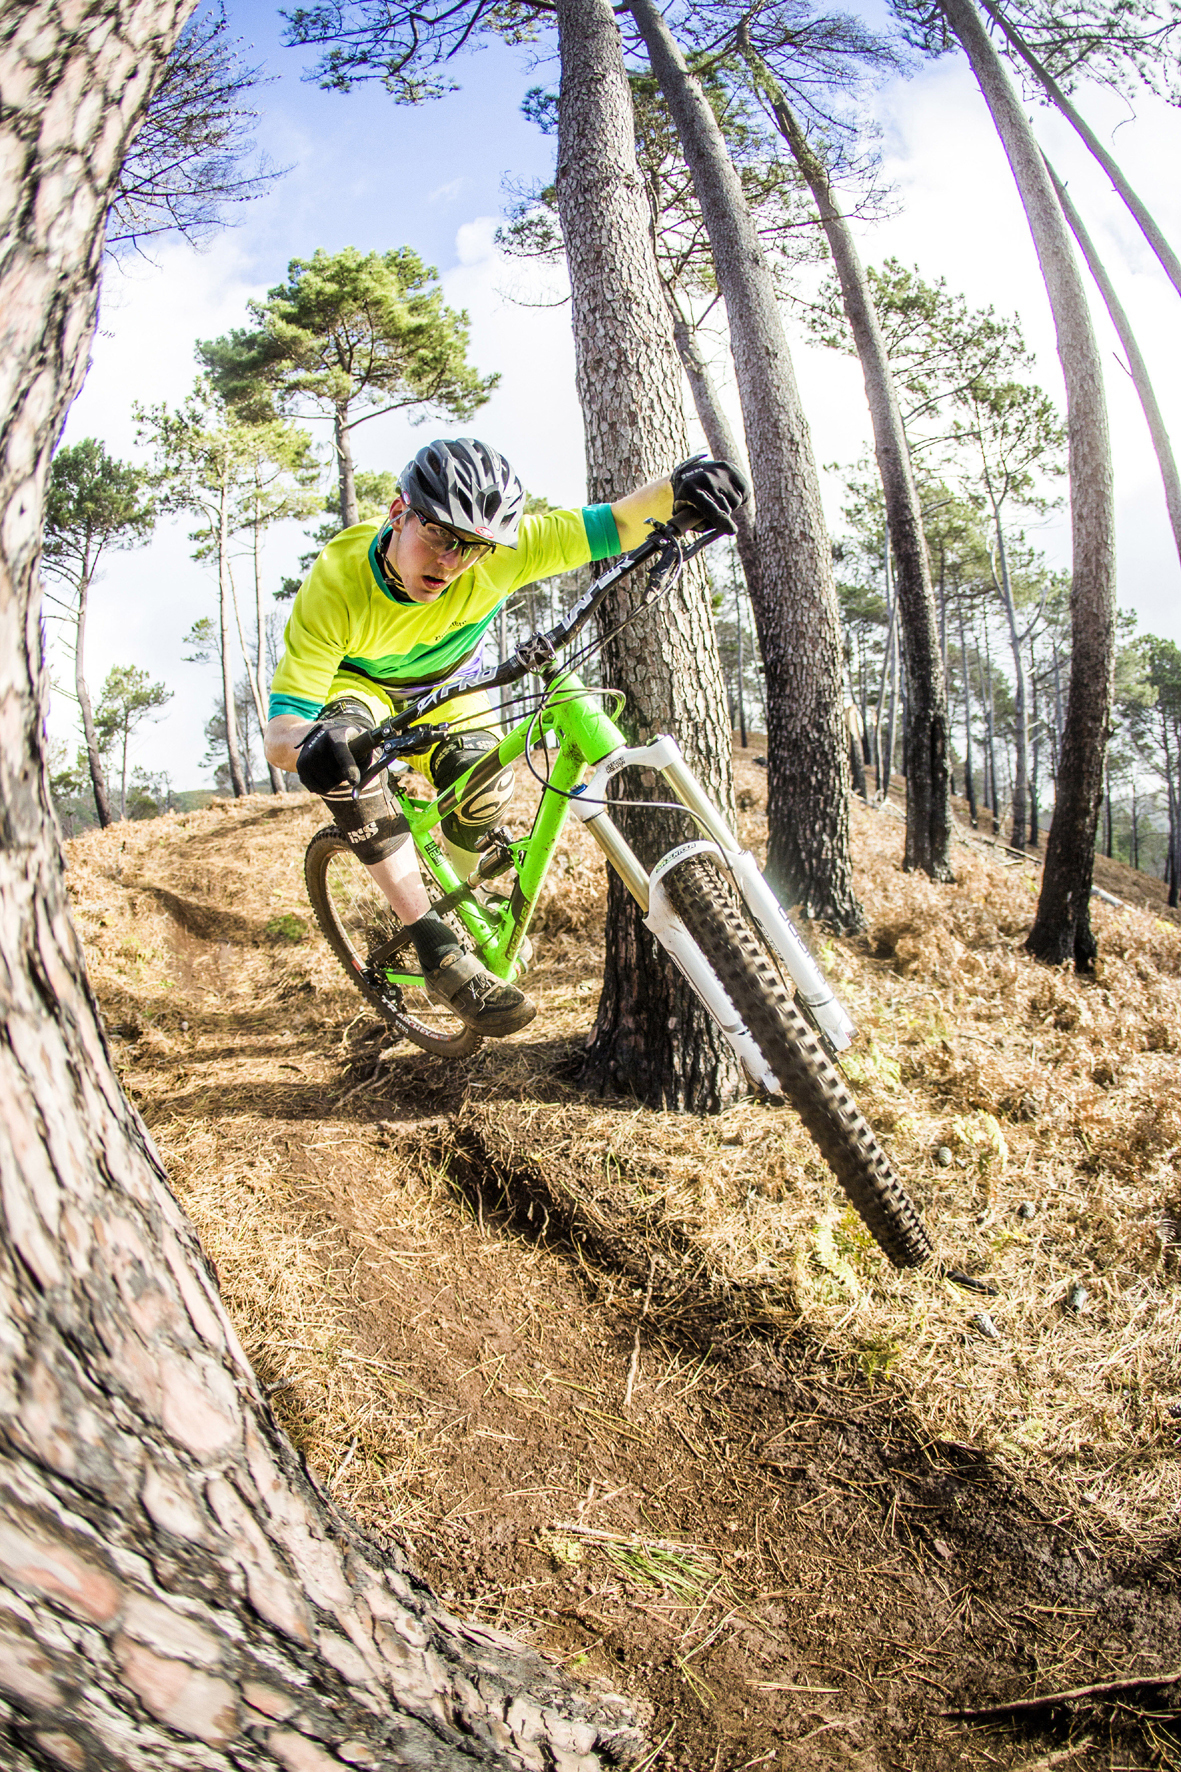 mid Düsseldorf - Der Trend zu Trail- und Endurobikes stellt erhöhte Anforderungen an die Schutzkleidung der Extrem-Biker.